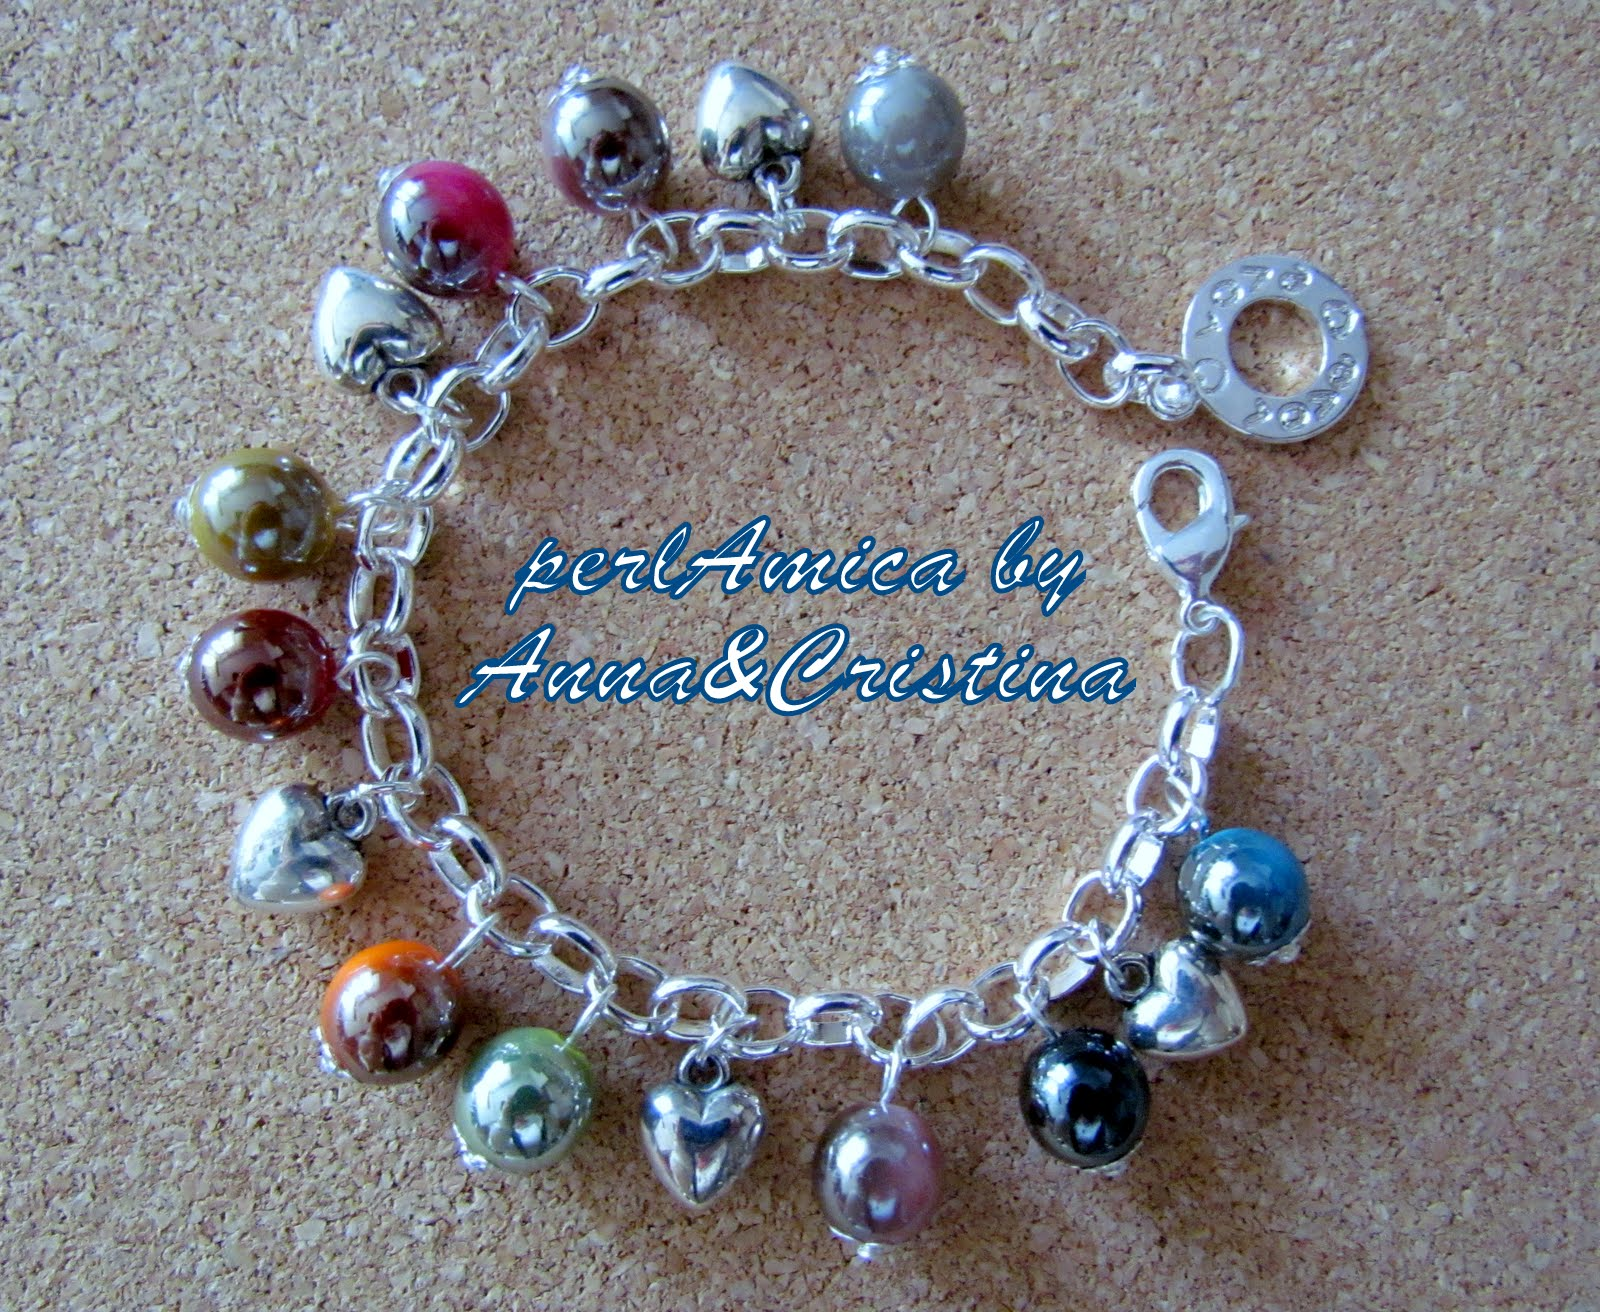 Perlamica due braccialetti super romantici for Soggiorni romantici per due